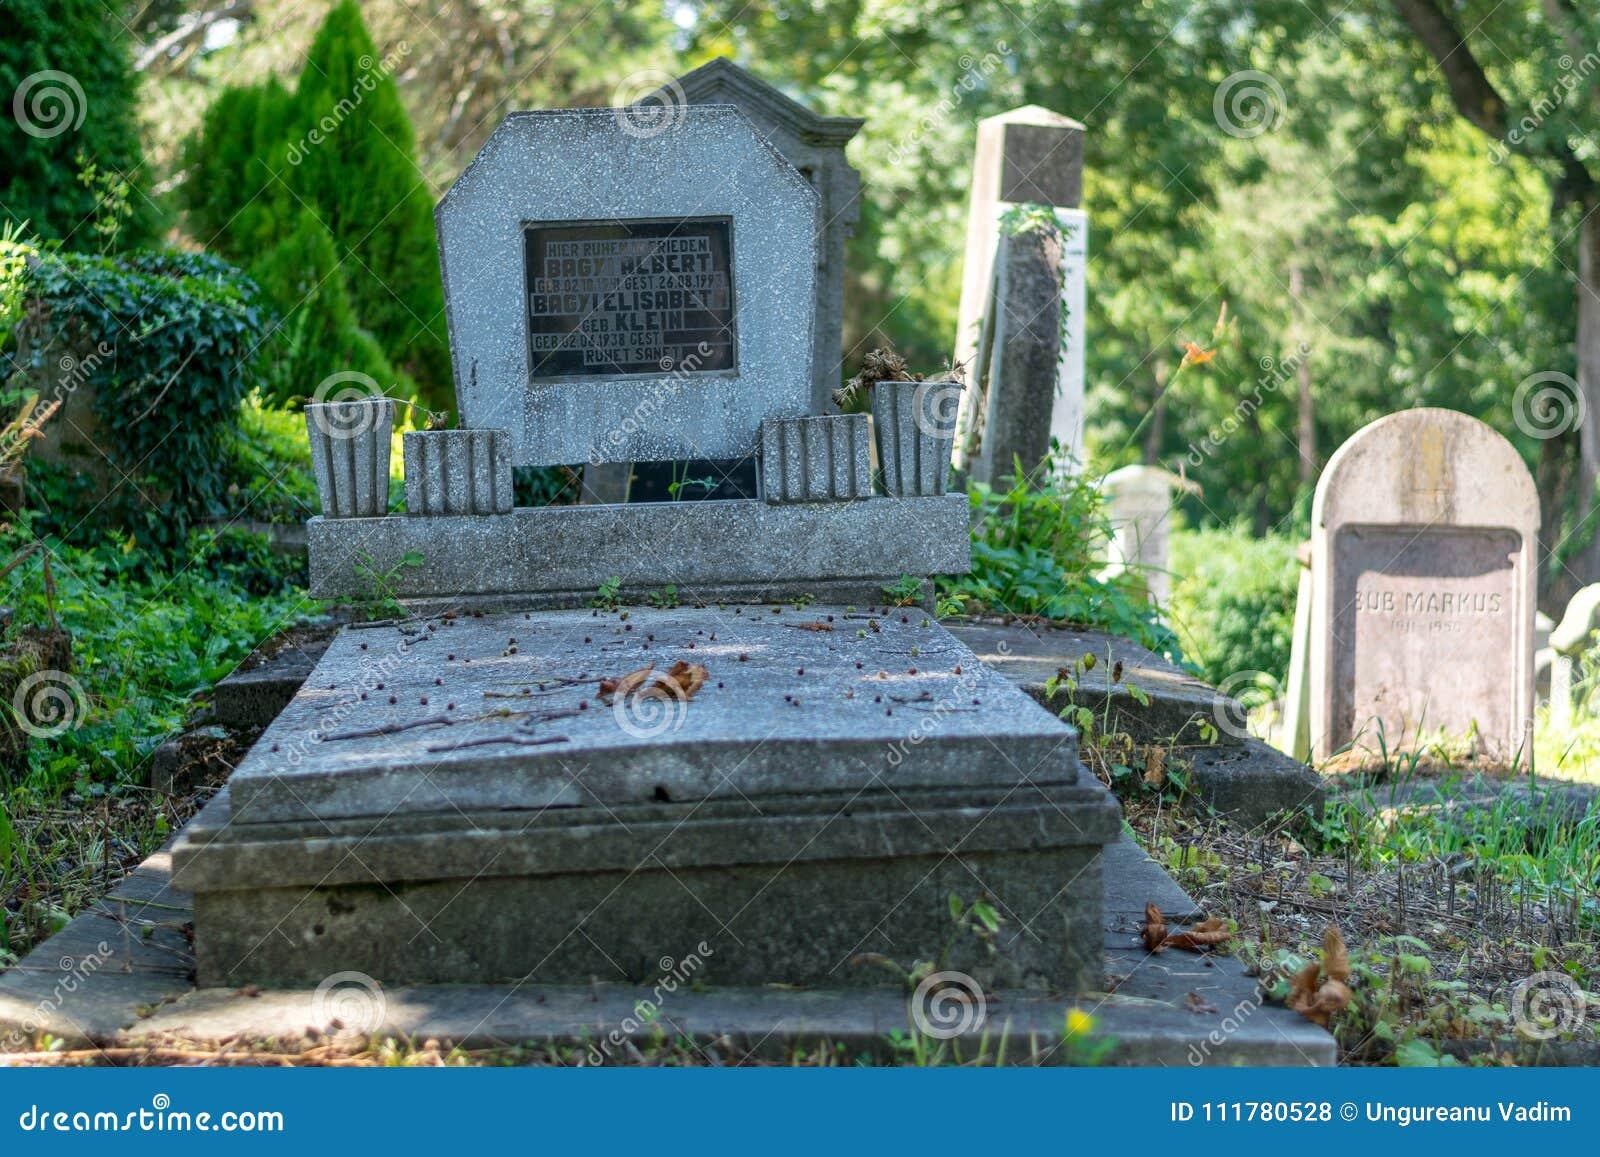 SIGHISOARA RUMÄNIEN - 1 JULI 2016: Saxisk kyrkogård som lokaliseras bredvid kyrkan på kullen i Sighisoara, Rumänien